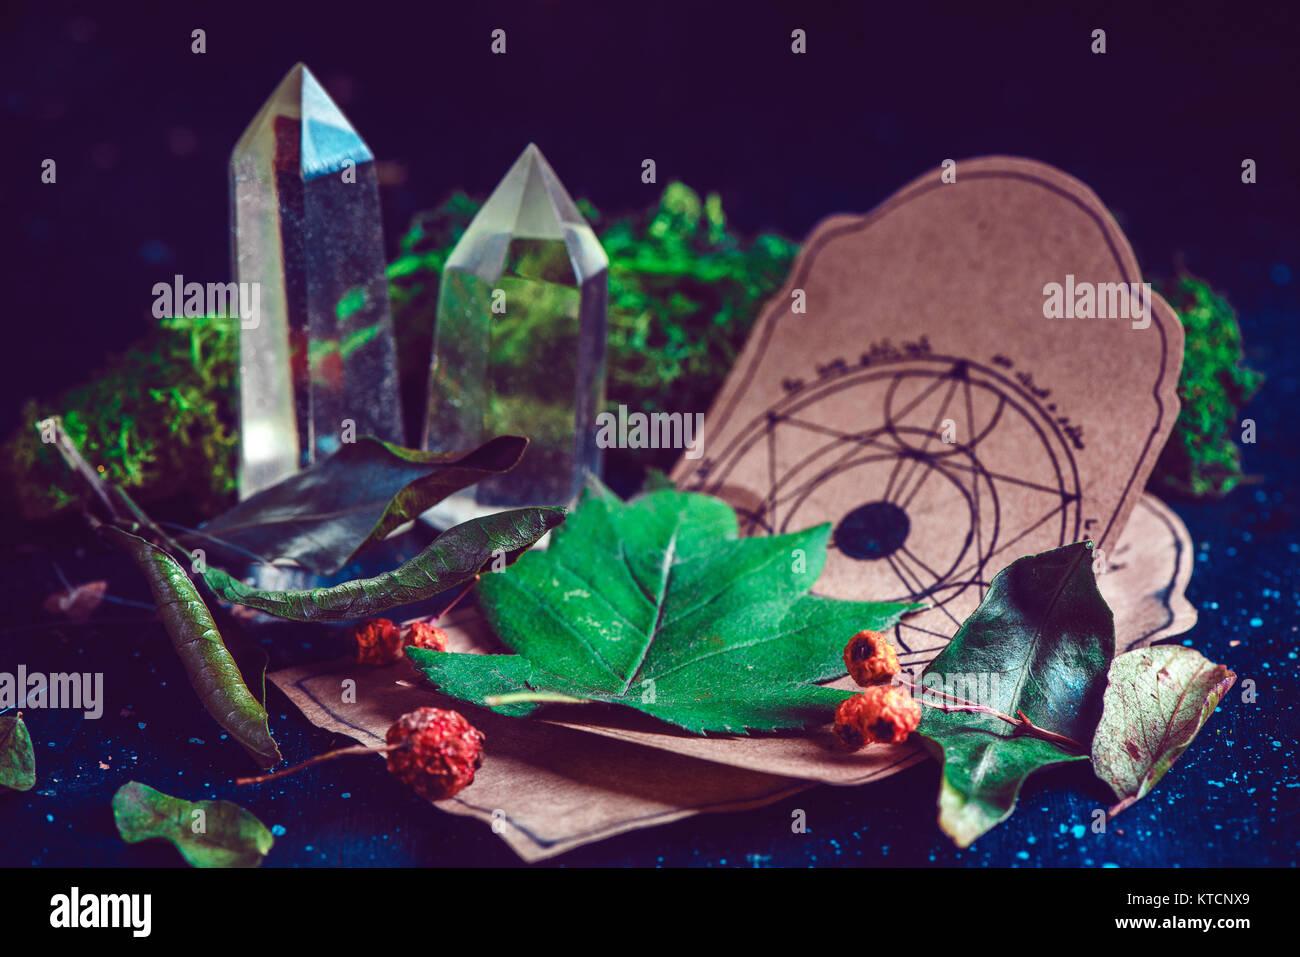 Pentagram dessin sur un parchemin avec des ingrédients de potion et de cristaux dans une scène magique. Photo Stock